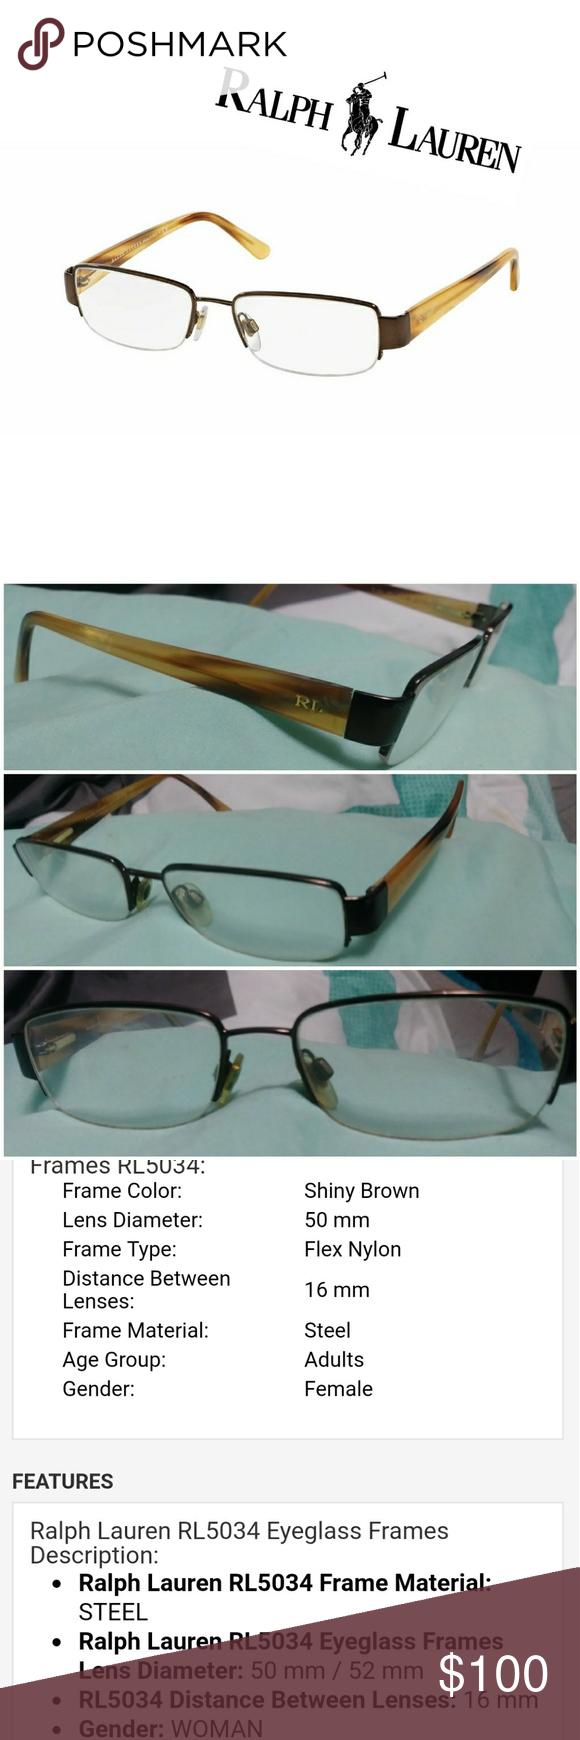 7ab4059b7ed FINAL💲✂❗💗 Womens Ralph Lauren Glasses 💗 RL5034 Product description in  photos Prescription